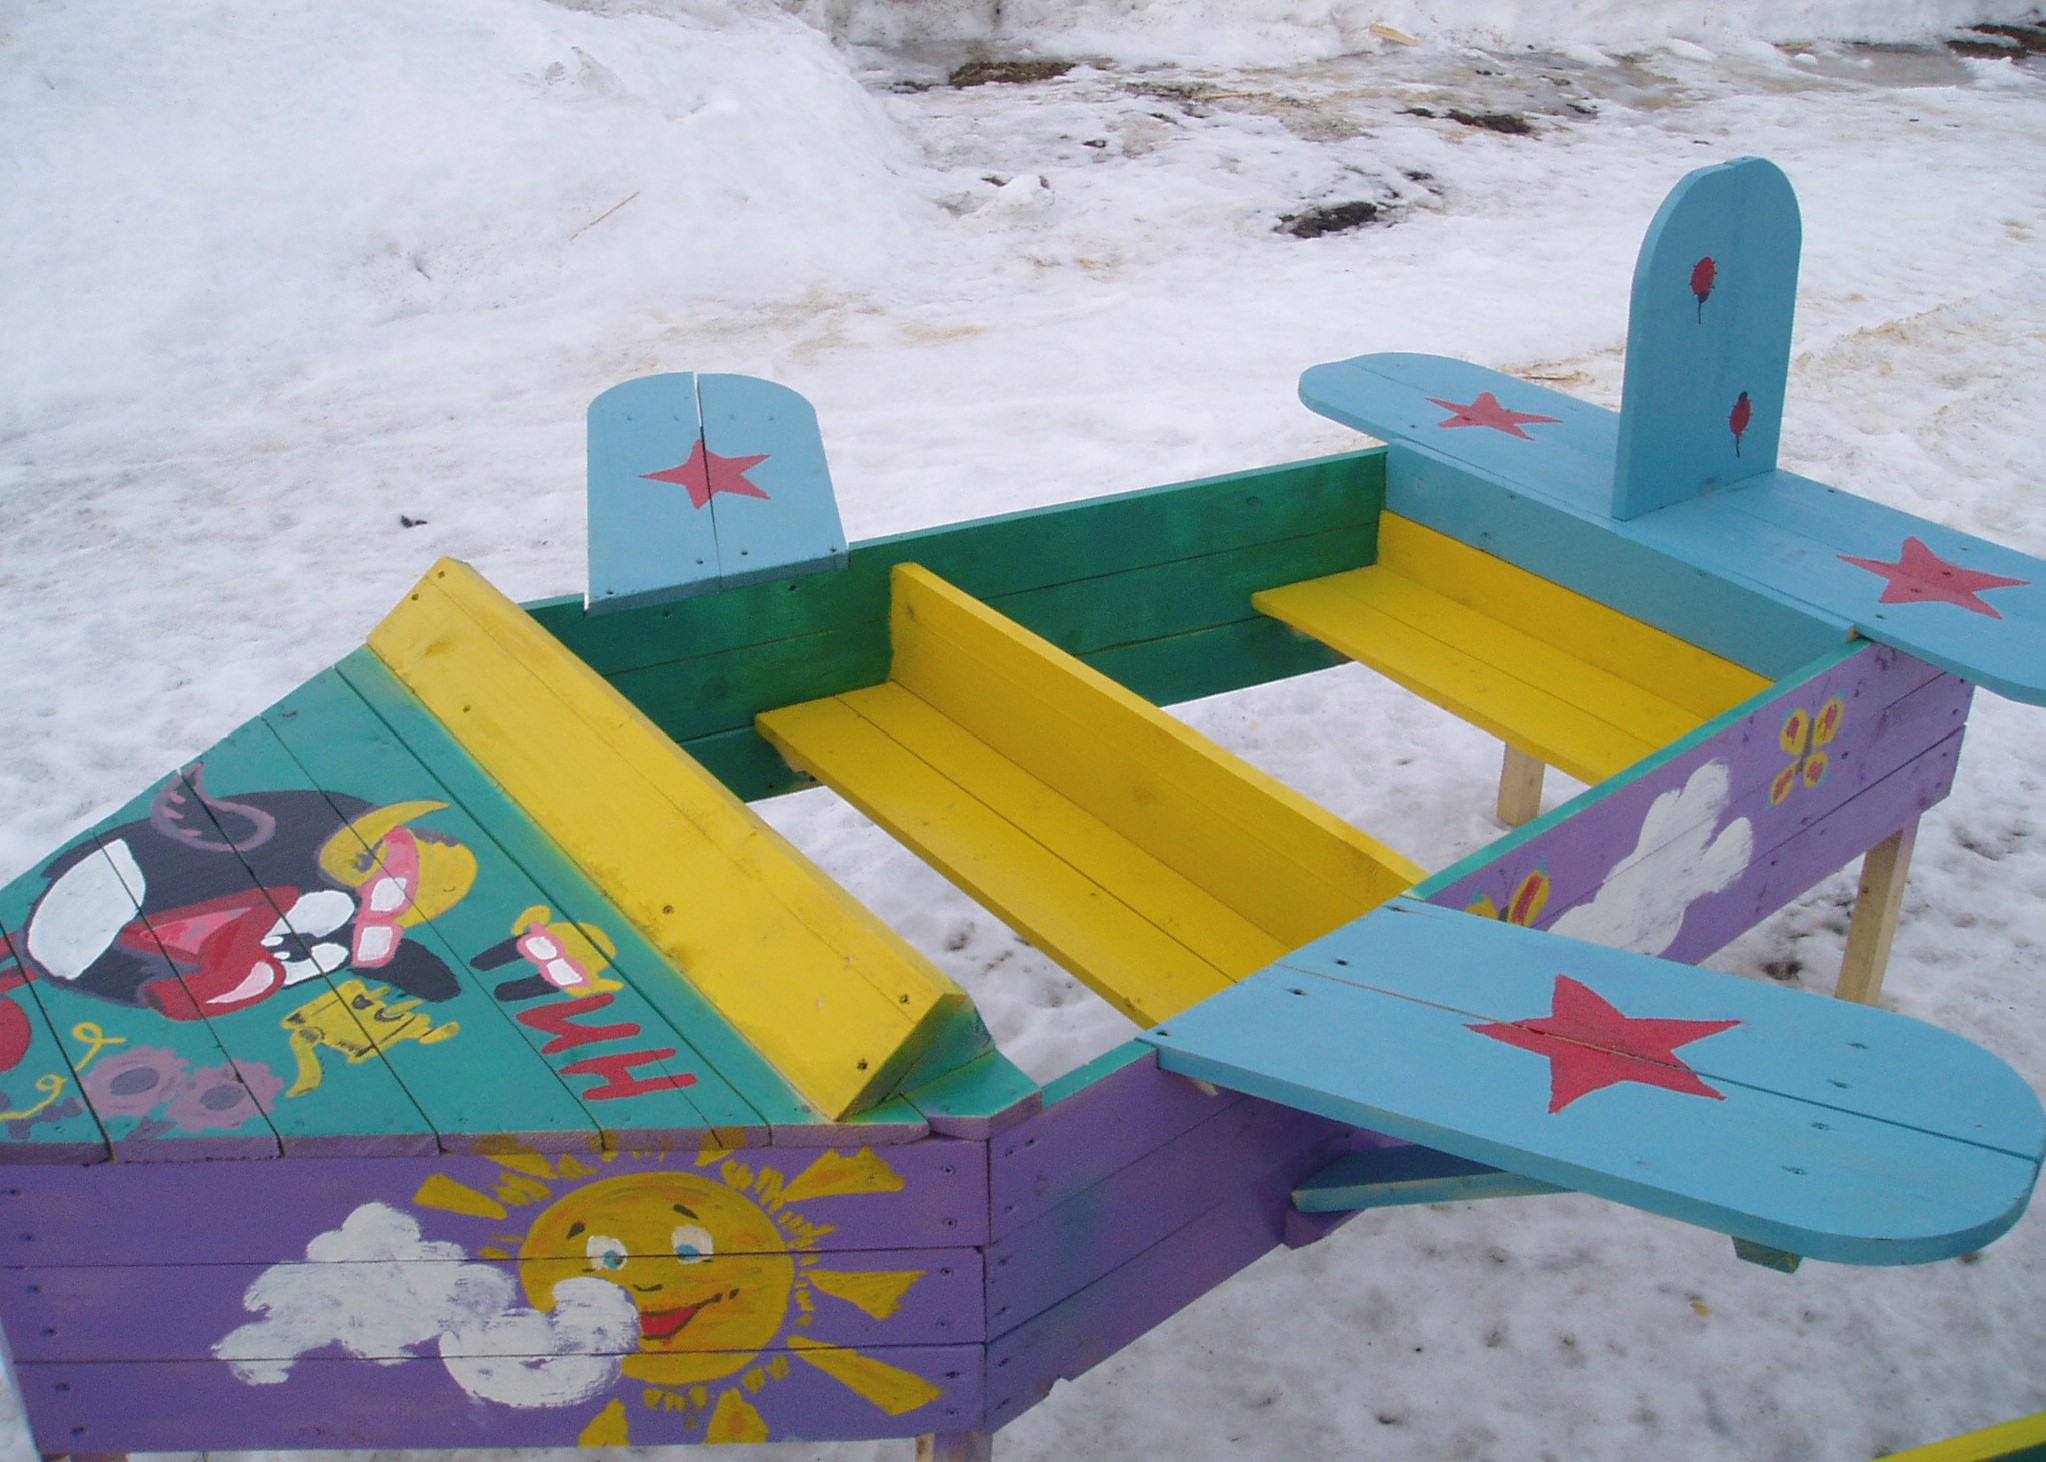 Своими руками для детской площадки в детском саду